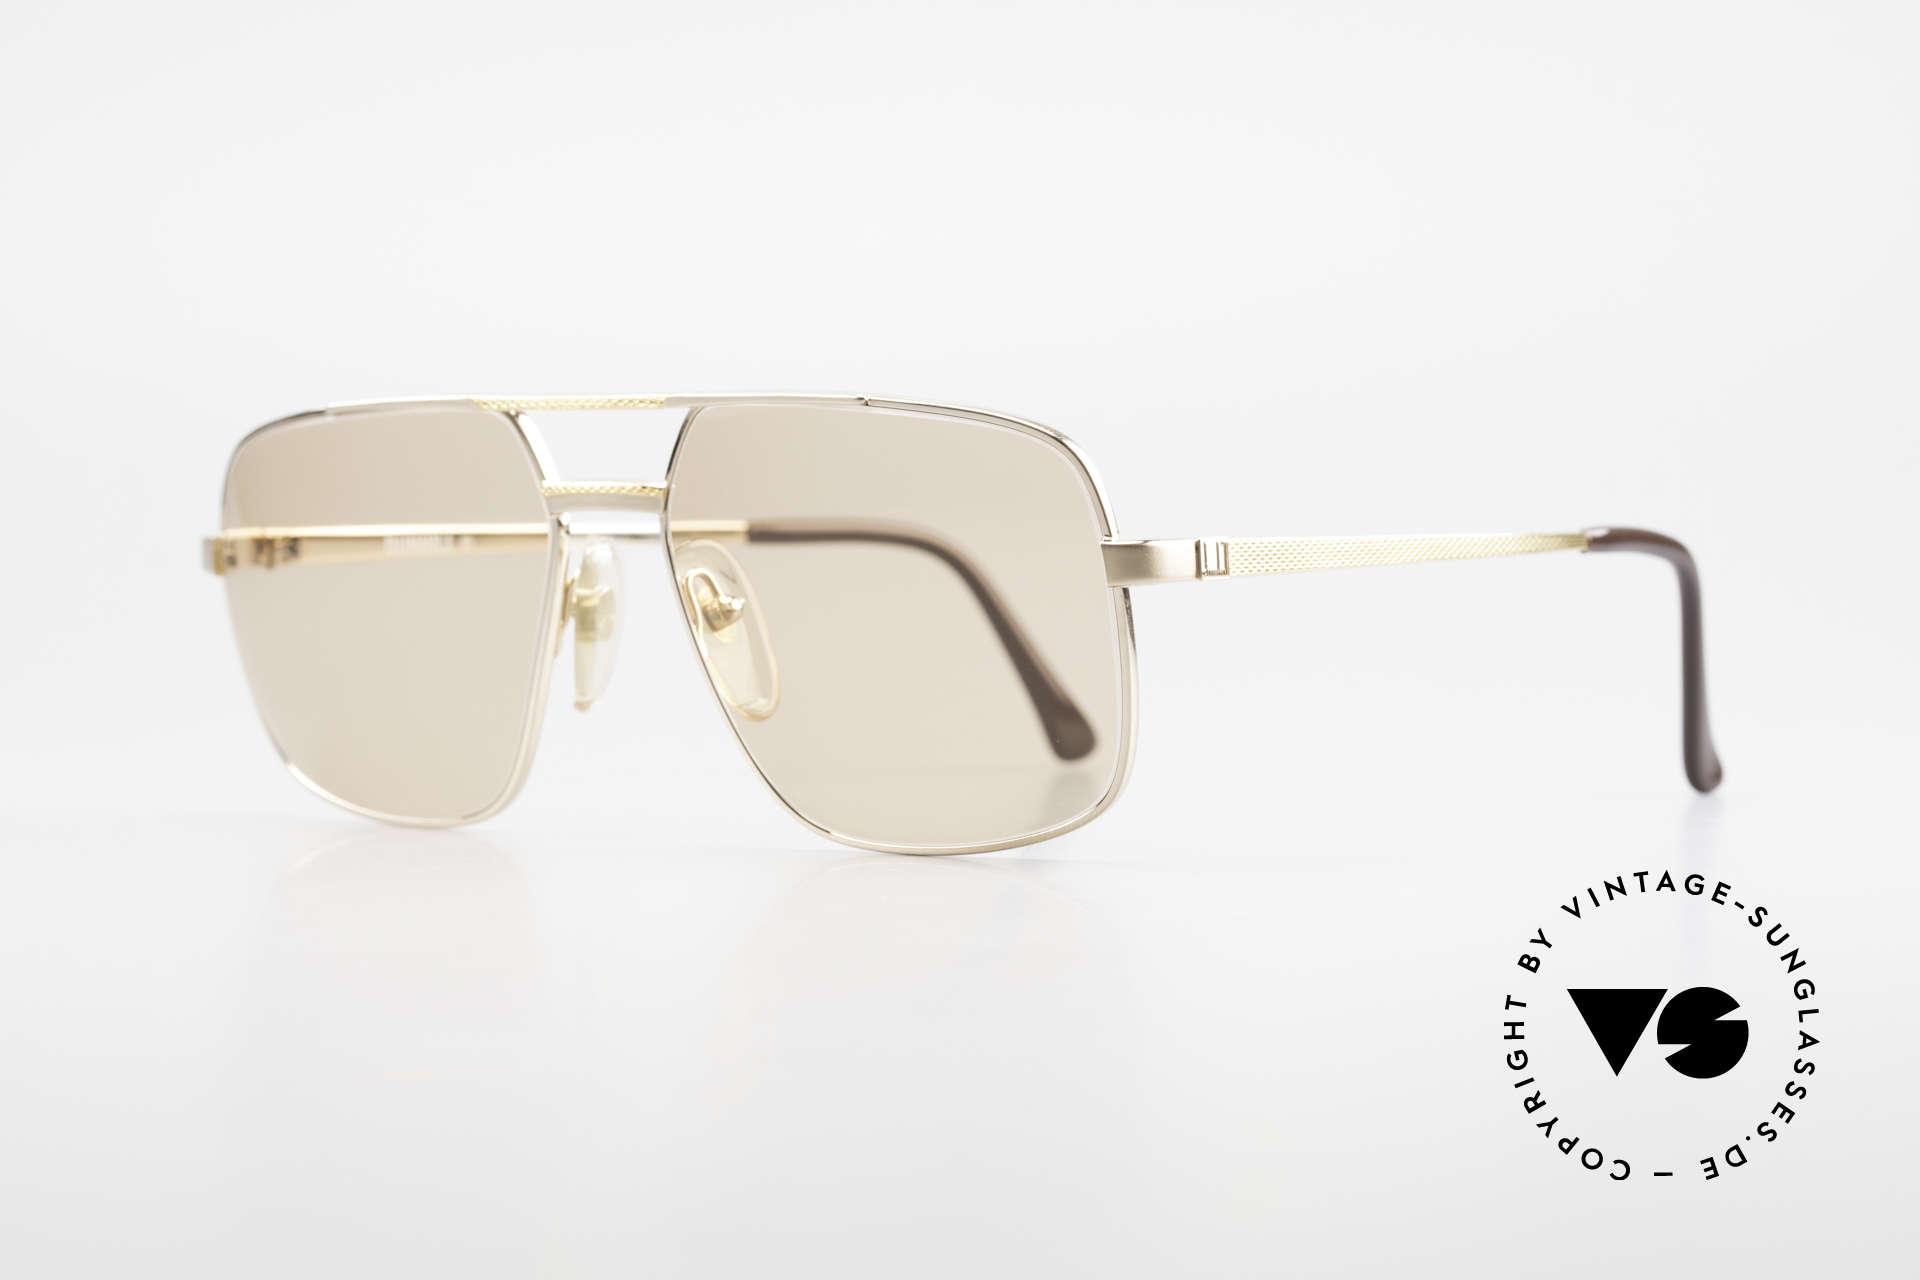 Dunhill 6068 Vergoldete Brille Automatik, Fassung ist hart-vergoldet und mit Barley-Facetten, Passend für Herren